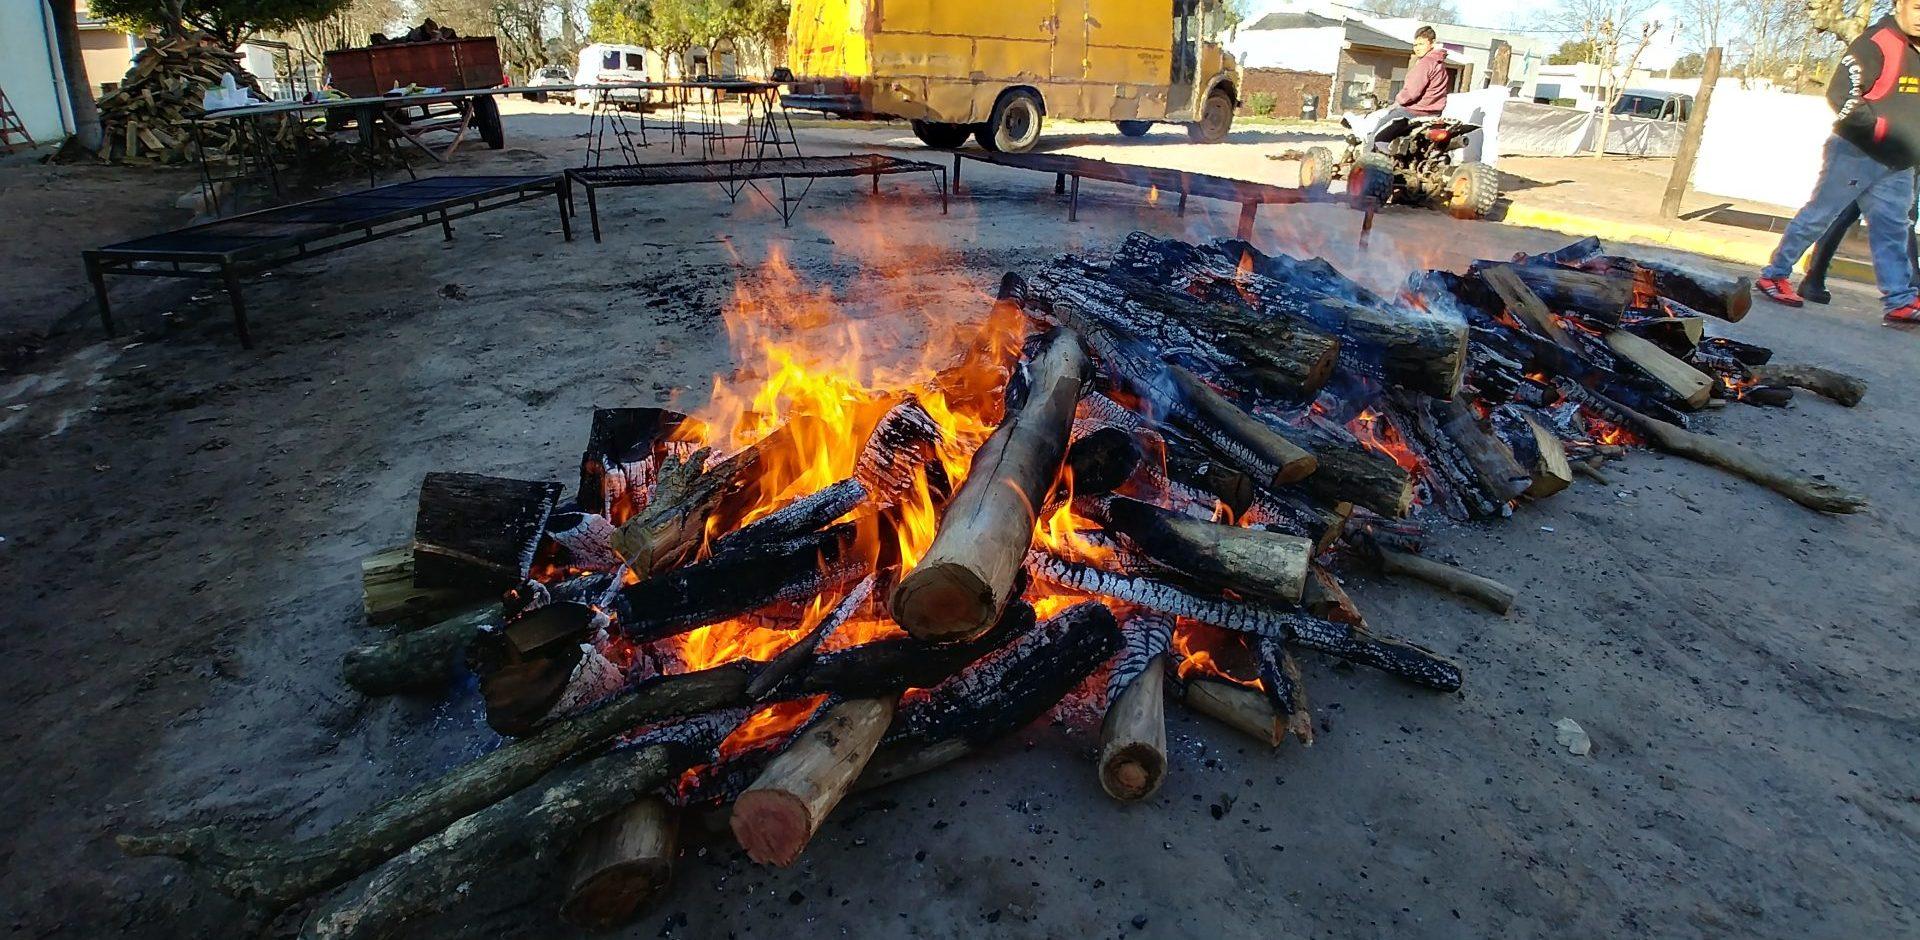 Fiesta del Chorizo Seco - Agenda - Encendido del fuego